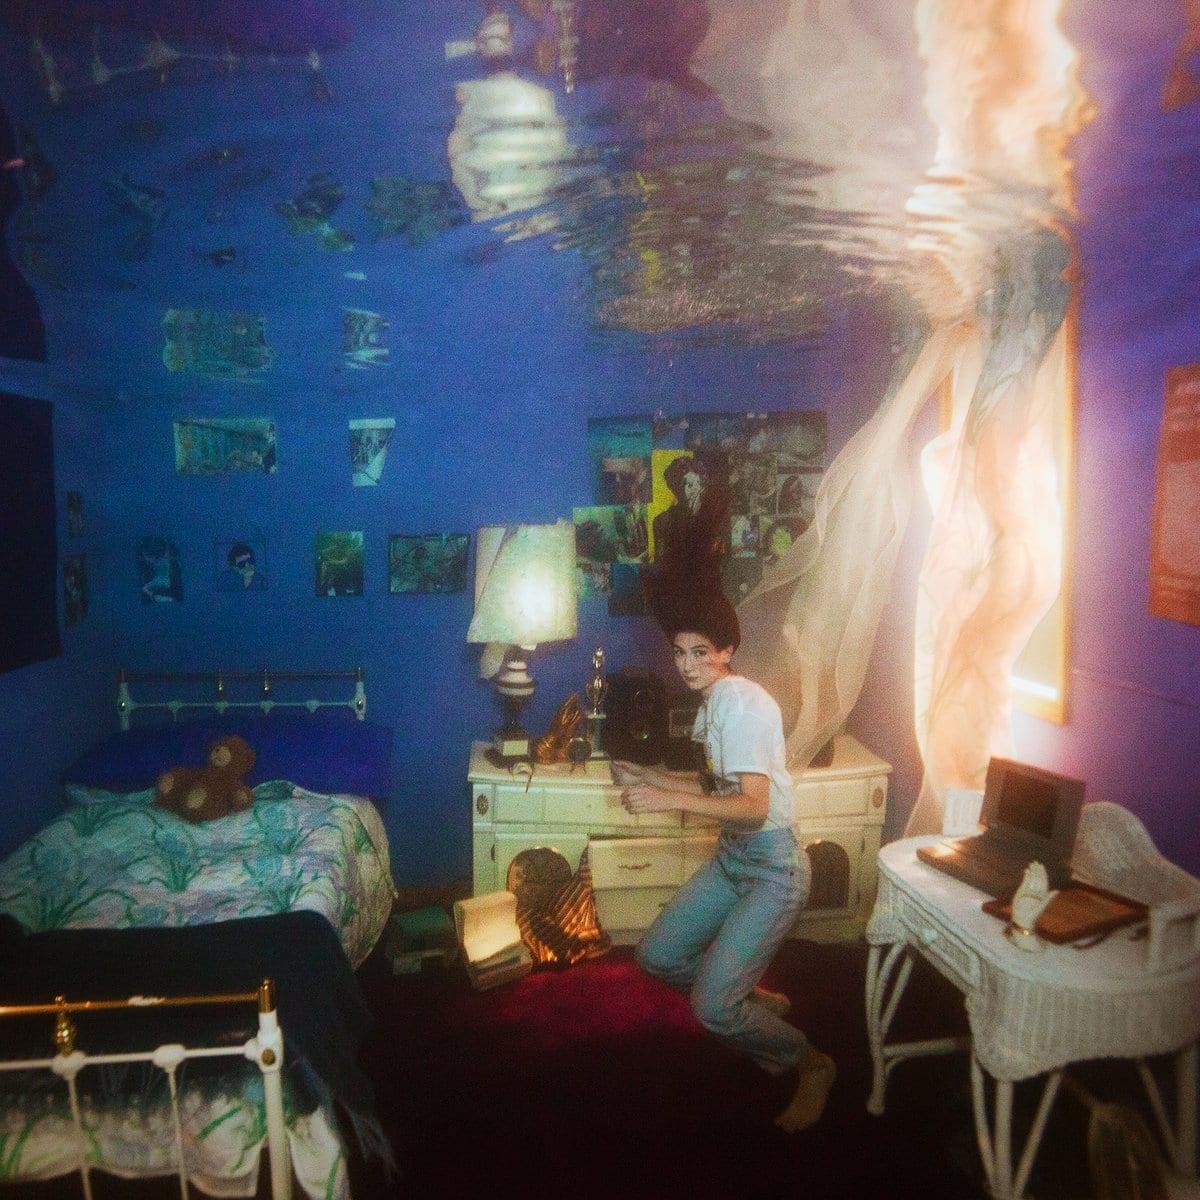 Albums of 2019: Titanic Rising // Weyes Blood